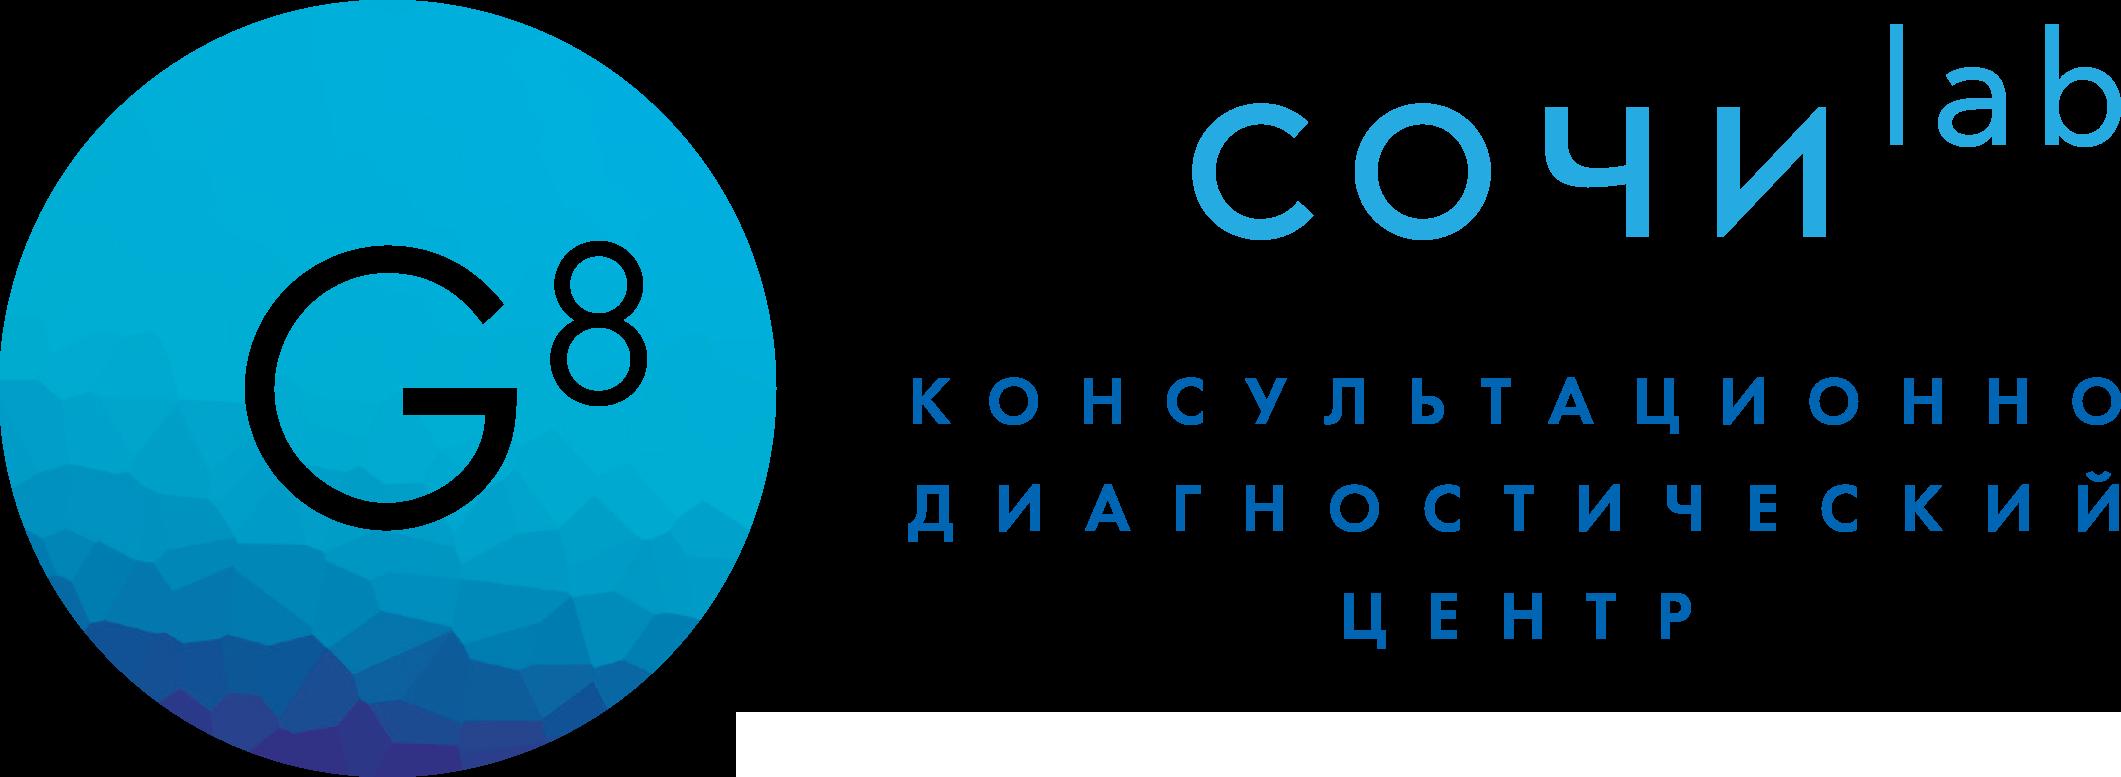 """Консультационно-диагностический центр """"СОЧИLAB"""" на Чебрикова"""